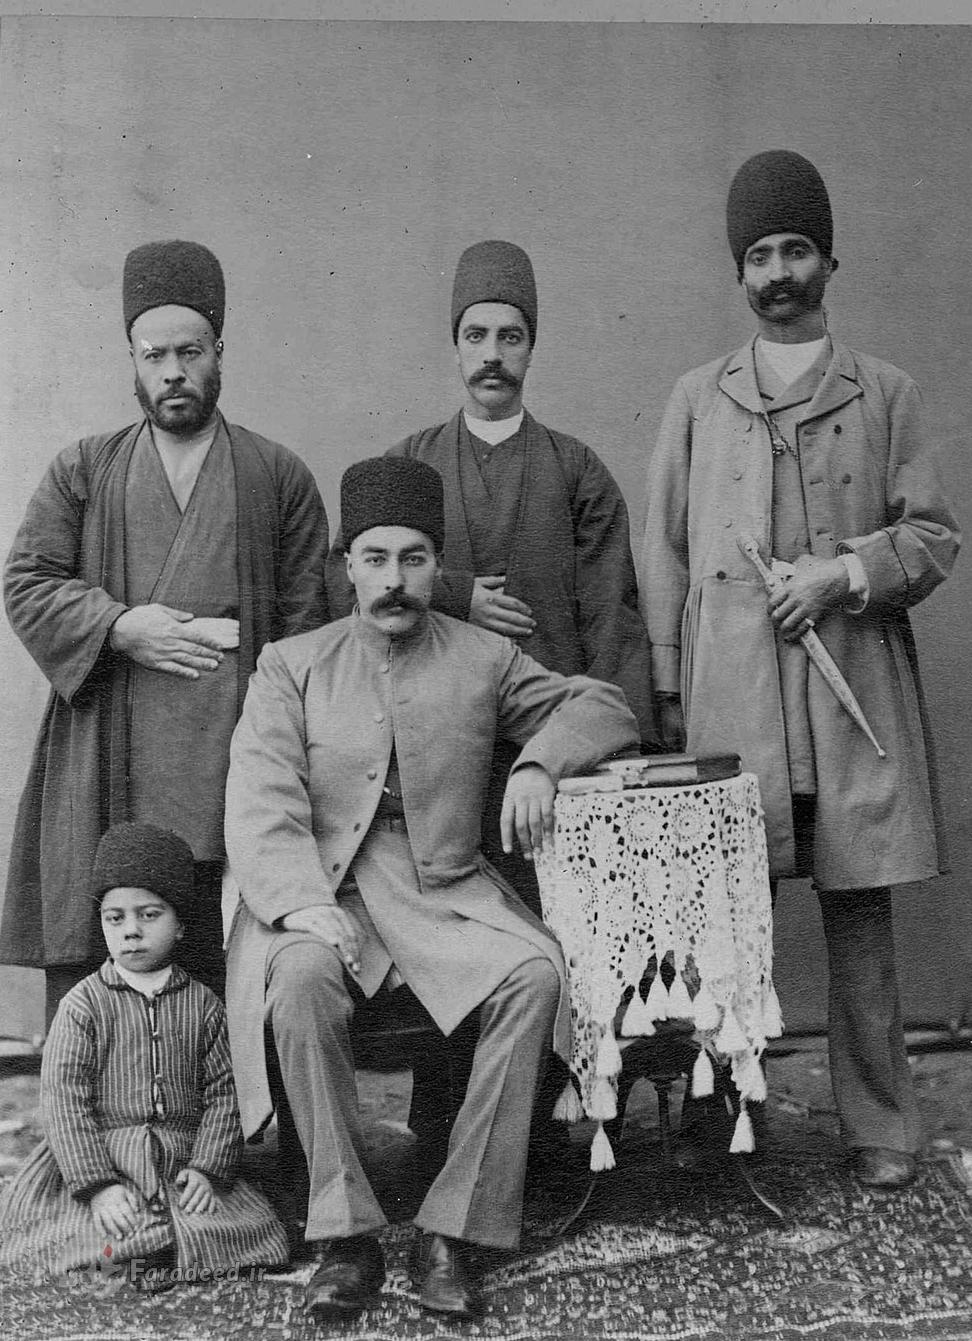 پوشاک مردان ایرانی در زمان قاجاریه